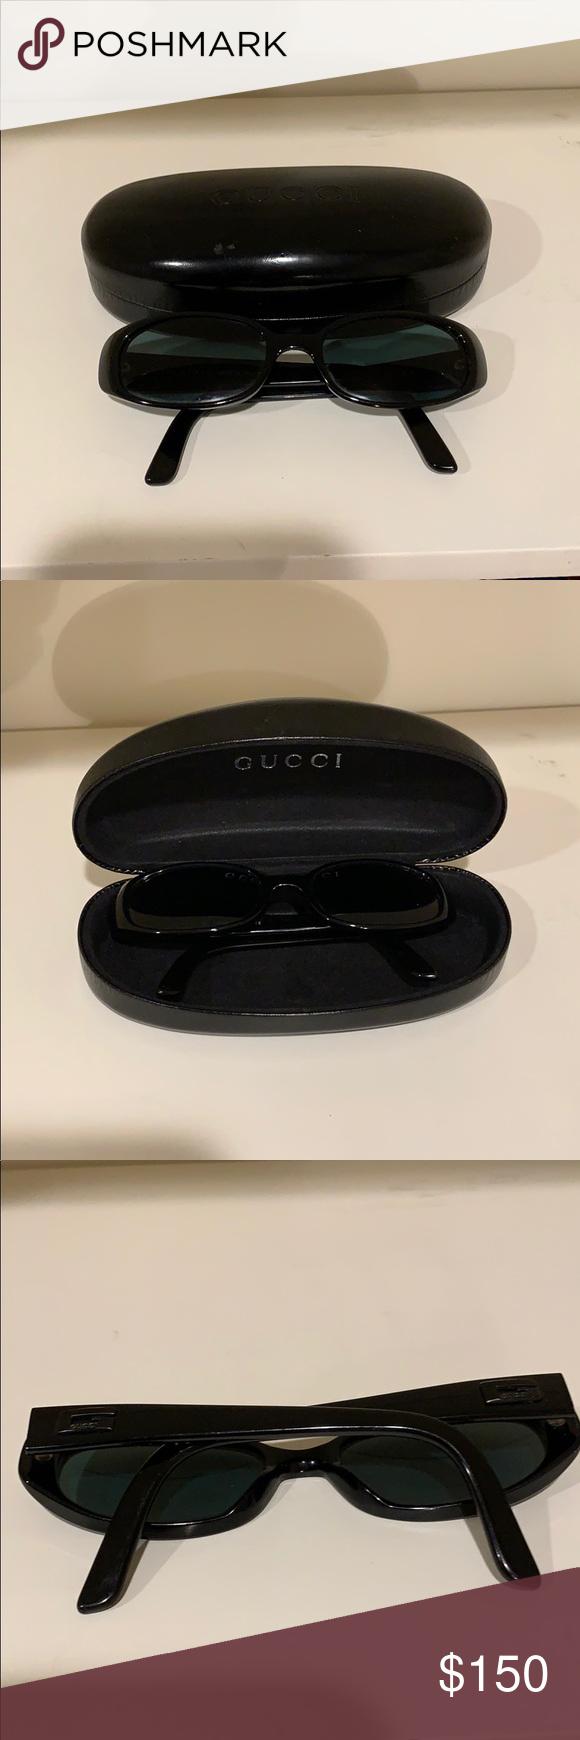 Gucci Vintage Sunglasses Like New!! Sunglasses vintage